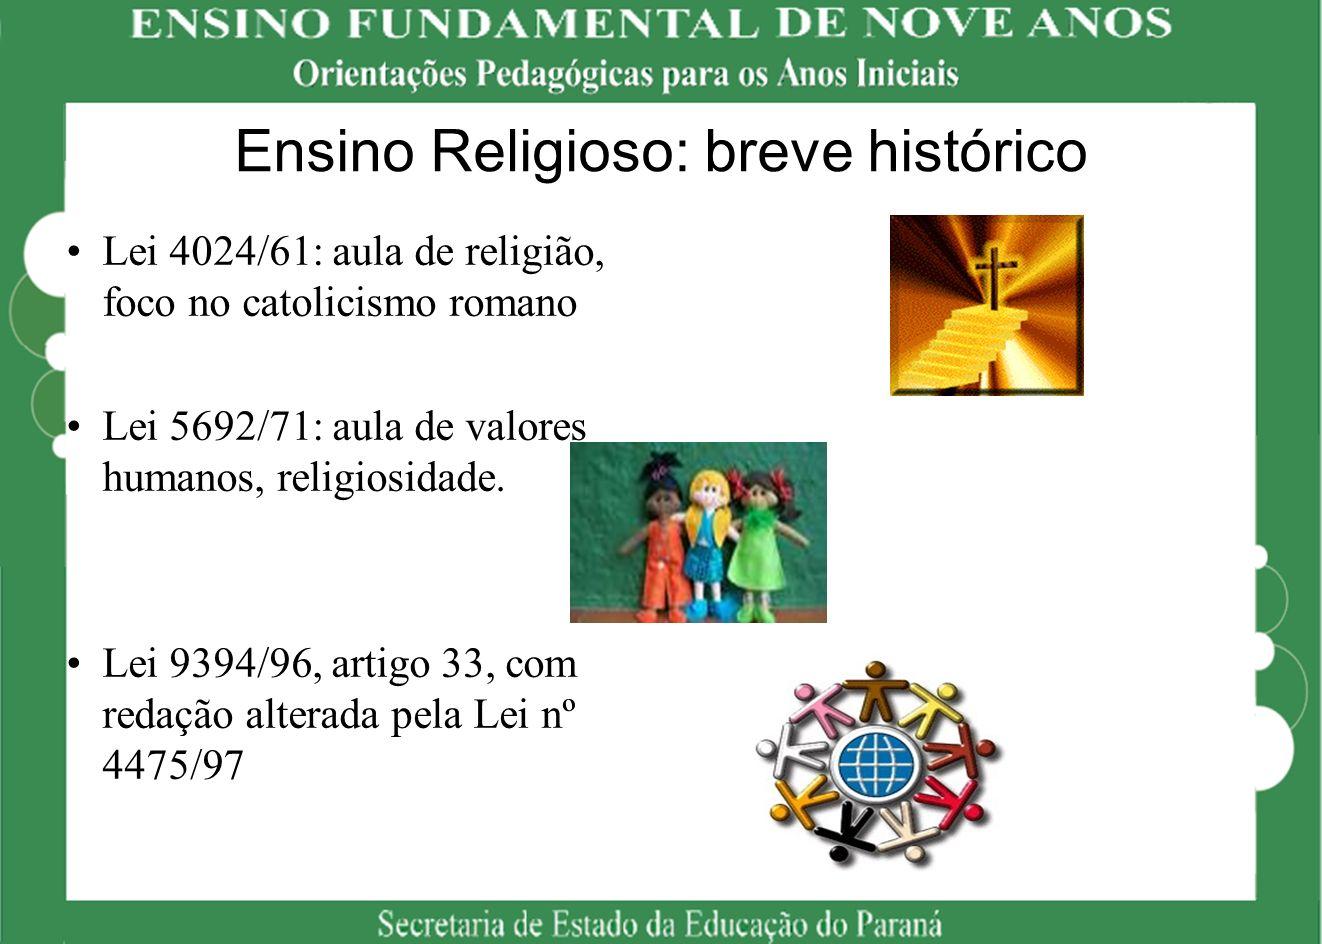 Ensino Religioso: breve histórico Lei 4024/61: aula de religião, foco no catolicismo romano Lei 5692/71: aula de valores humanos, religiosidade. Lei 9